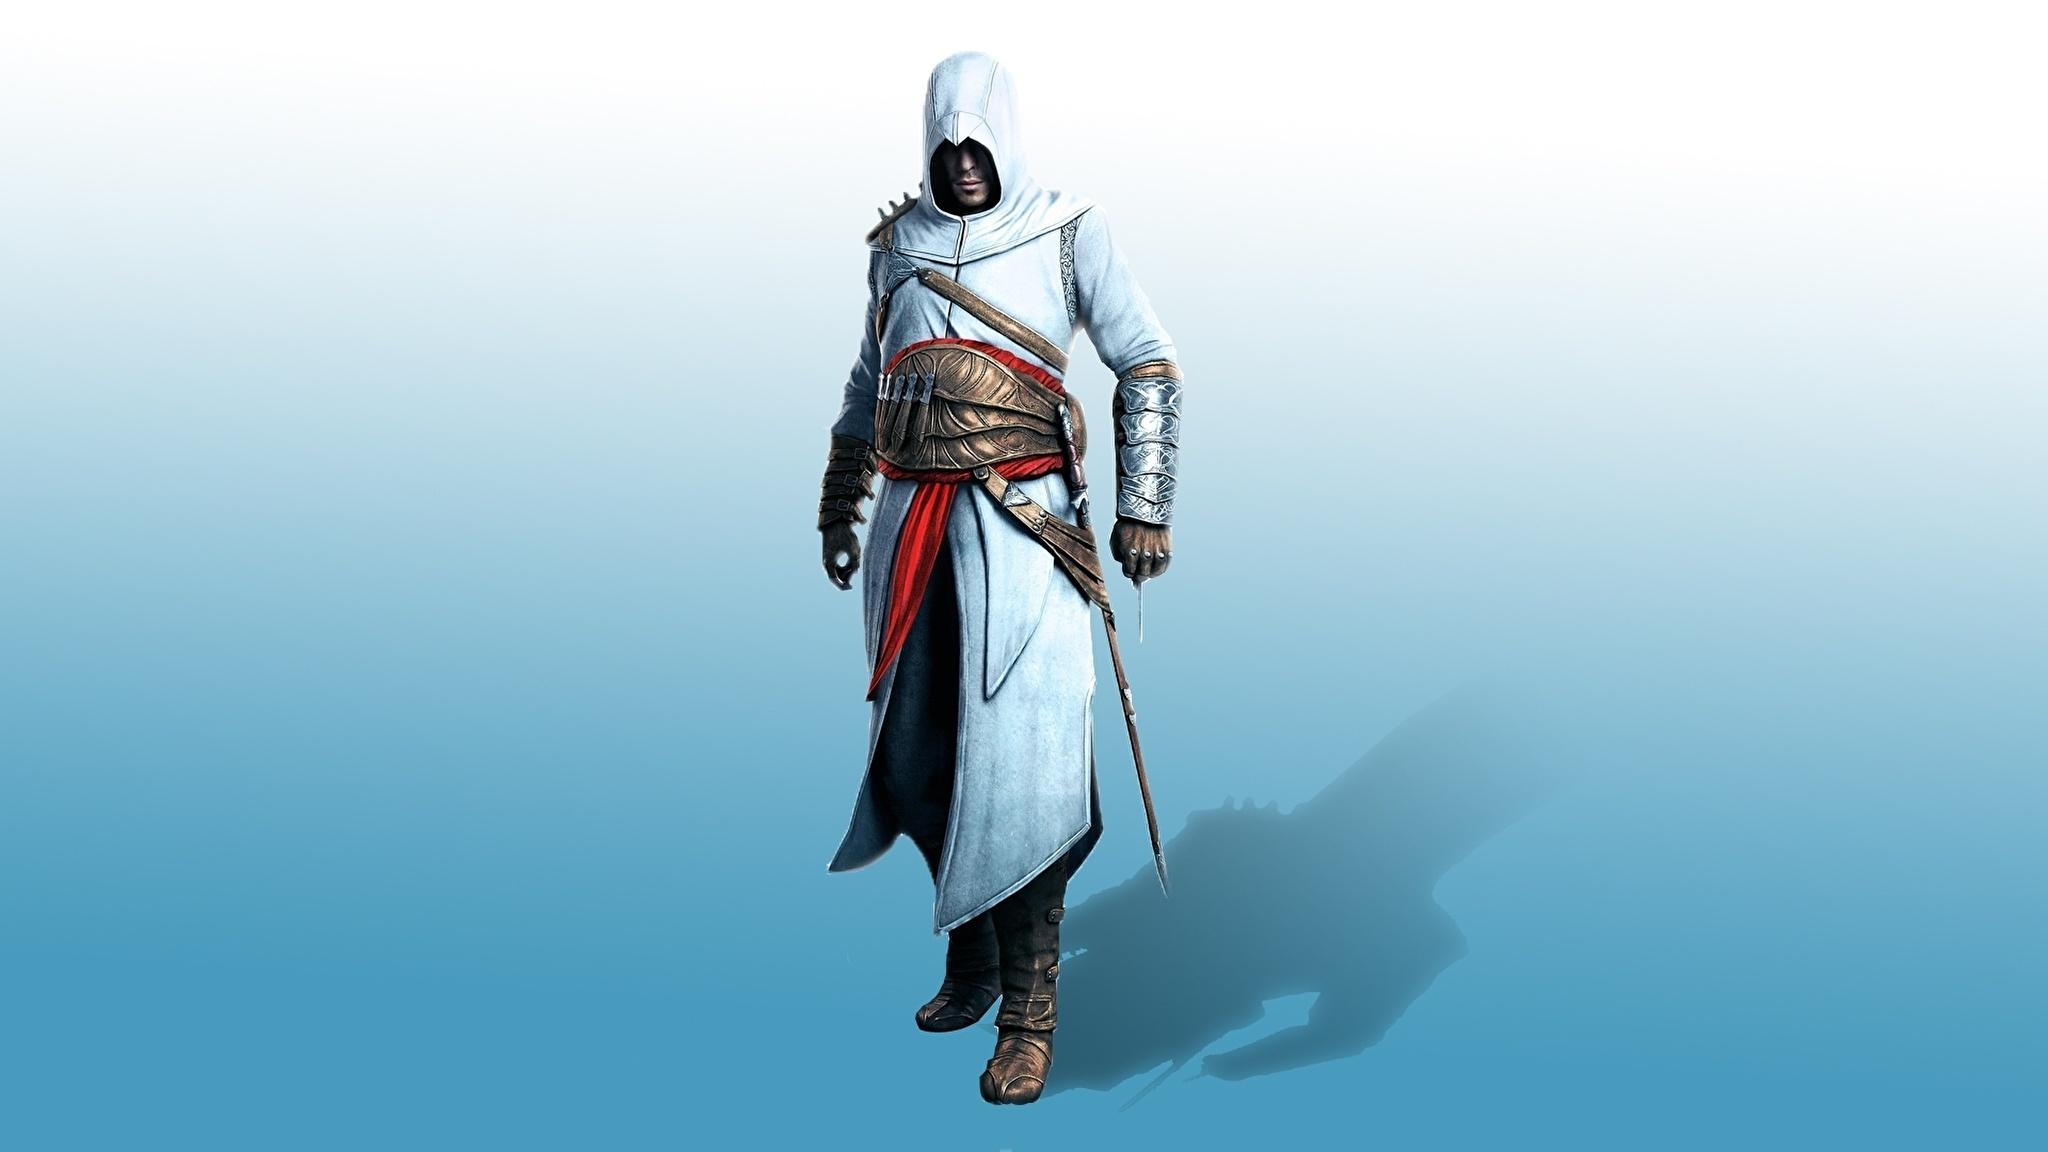 vpda assassins creed - HD2048×1152